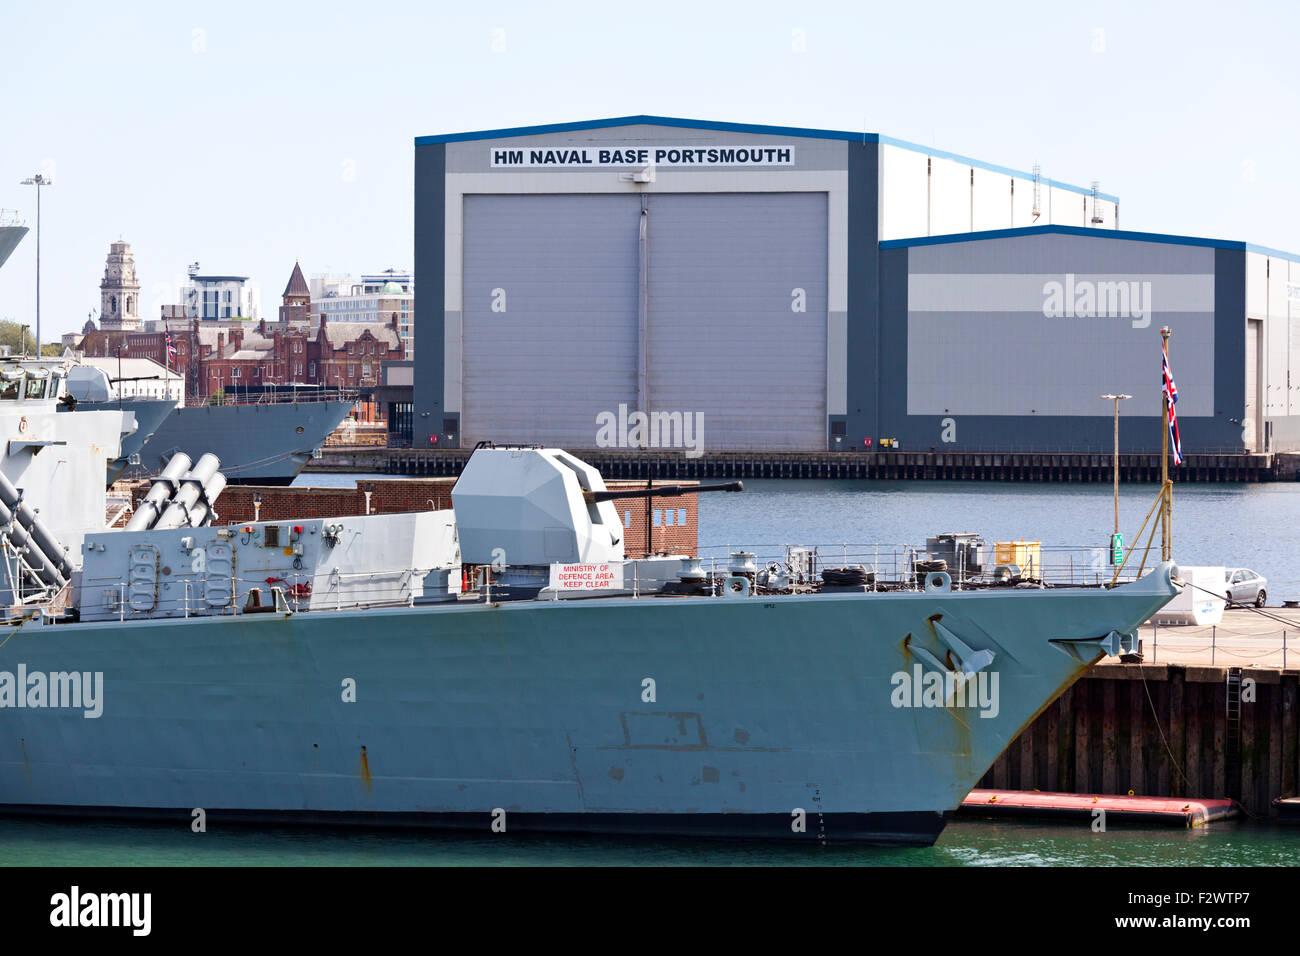 HMS Iron Duke (F234) a Type 23 frigate at Portsmouth Naval Base. Hampshire UK - Stock Image